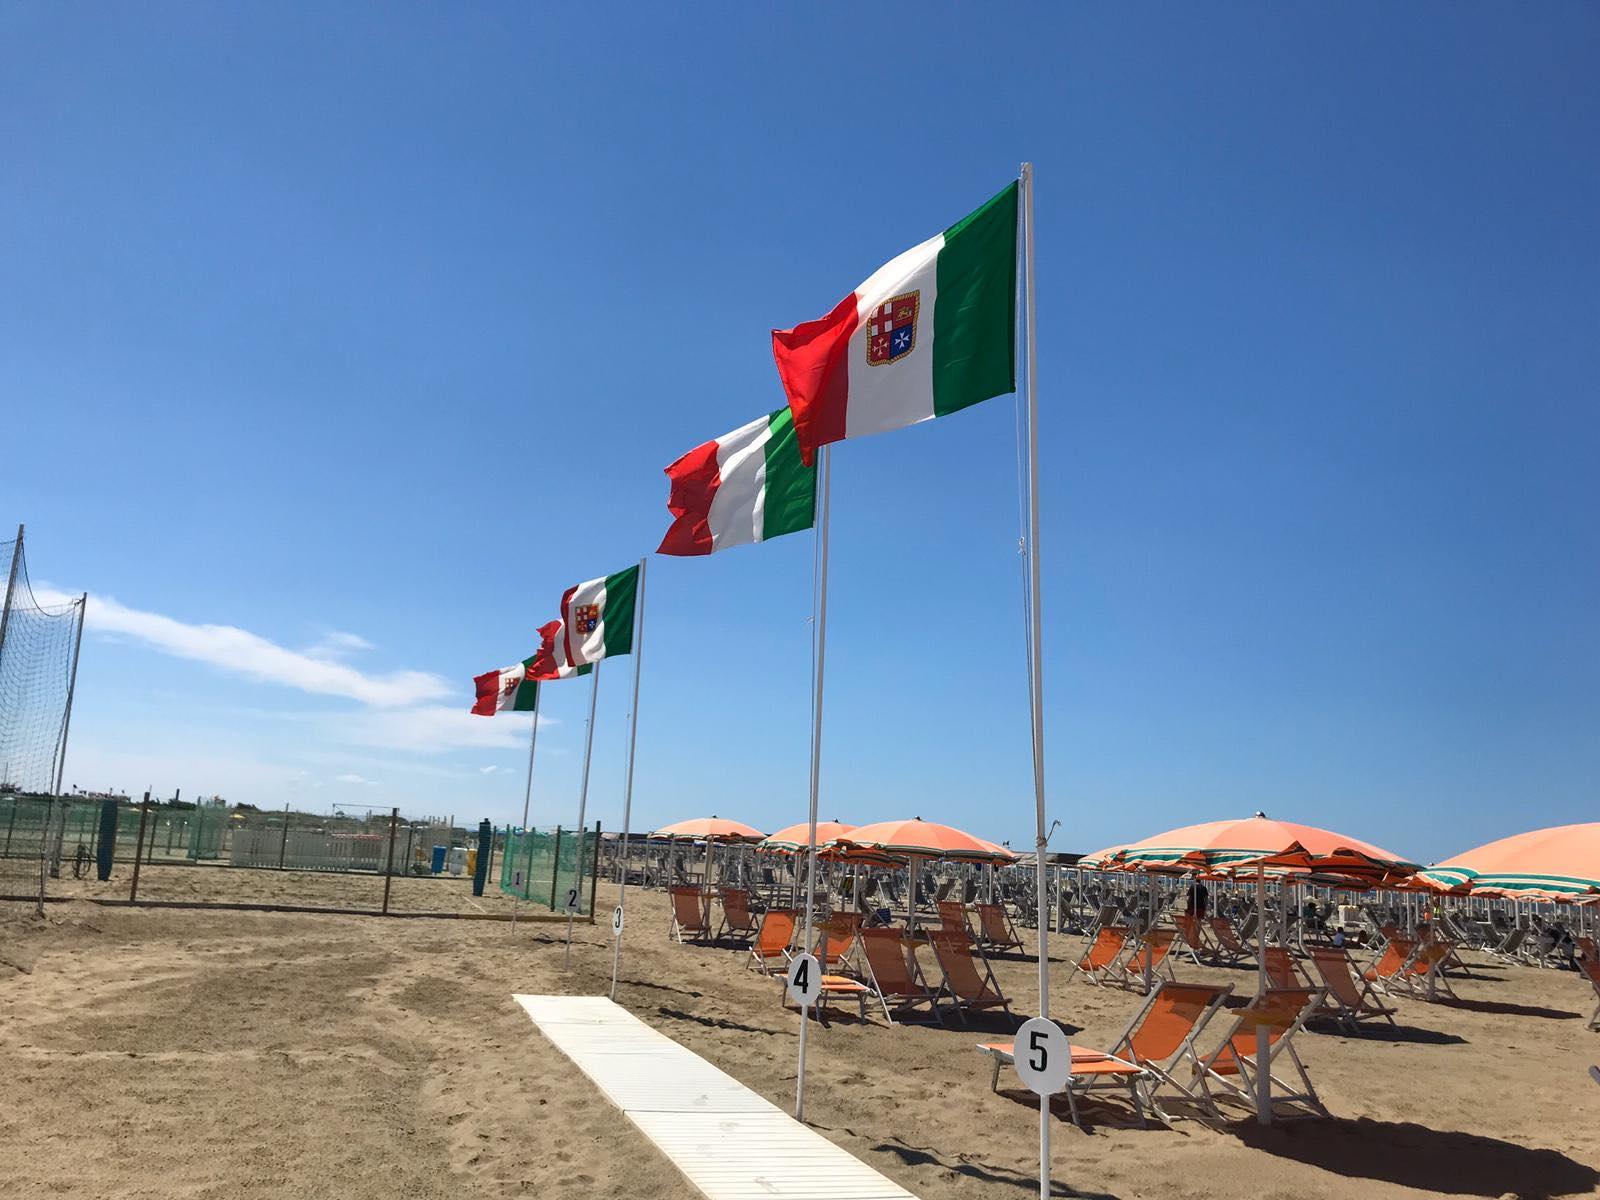 Aretusa Beach Club